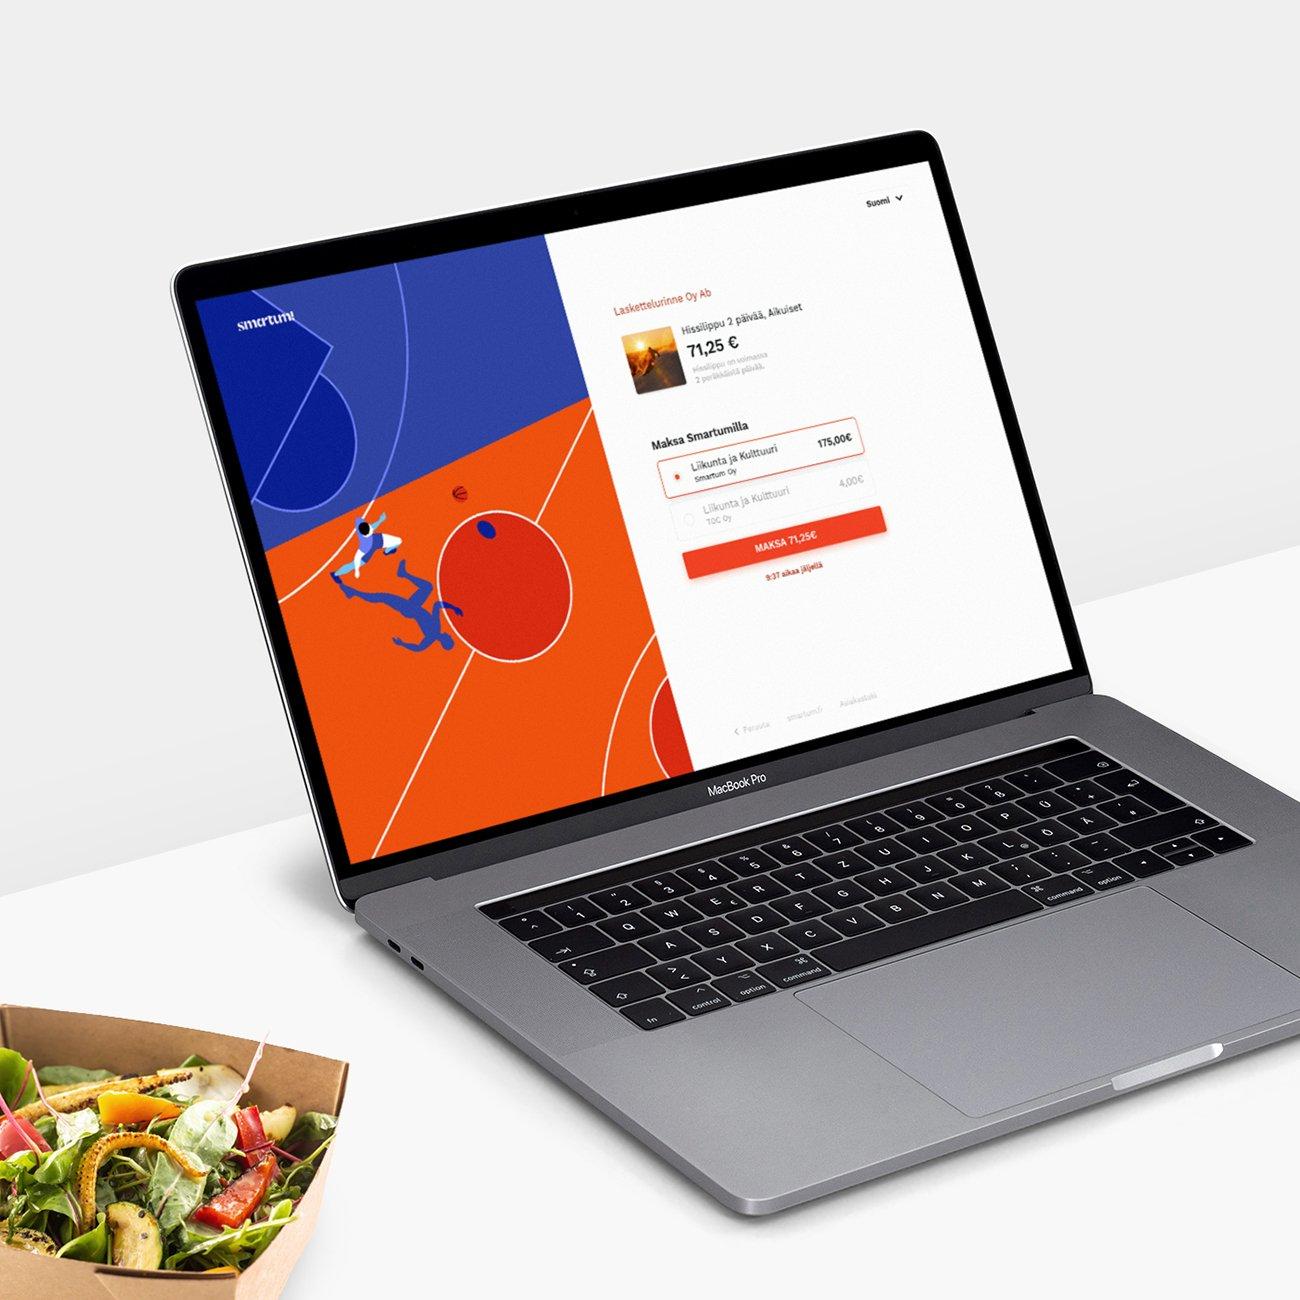 Smartum online payment